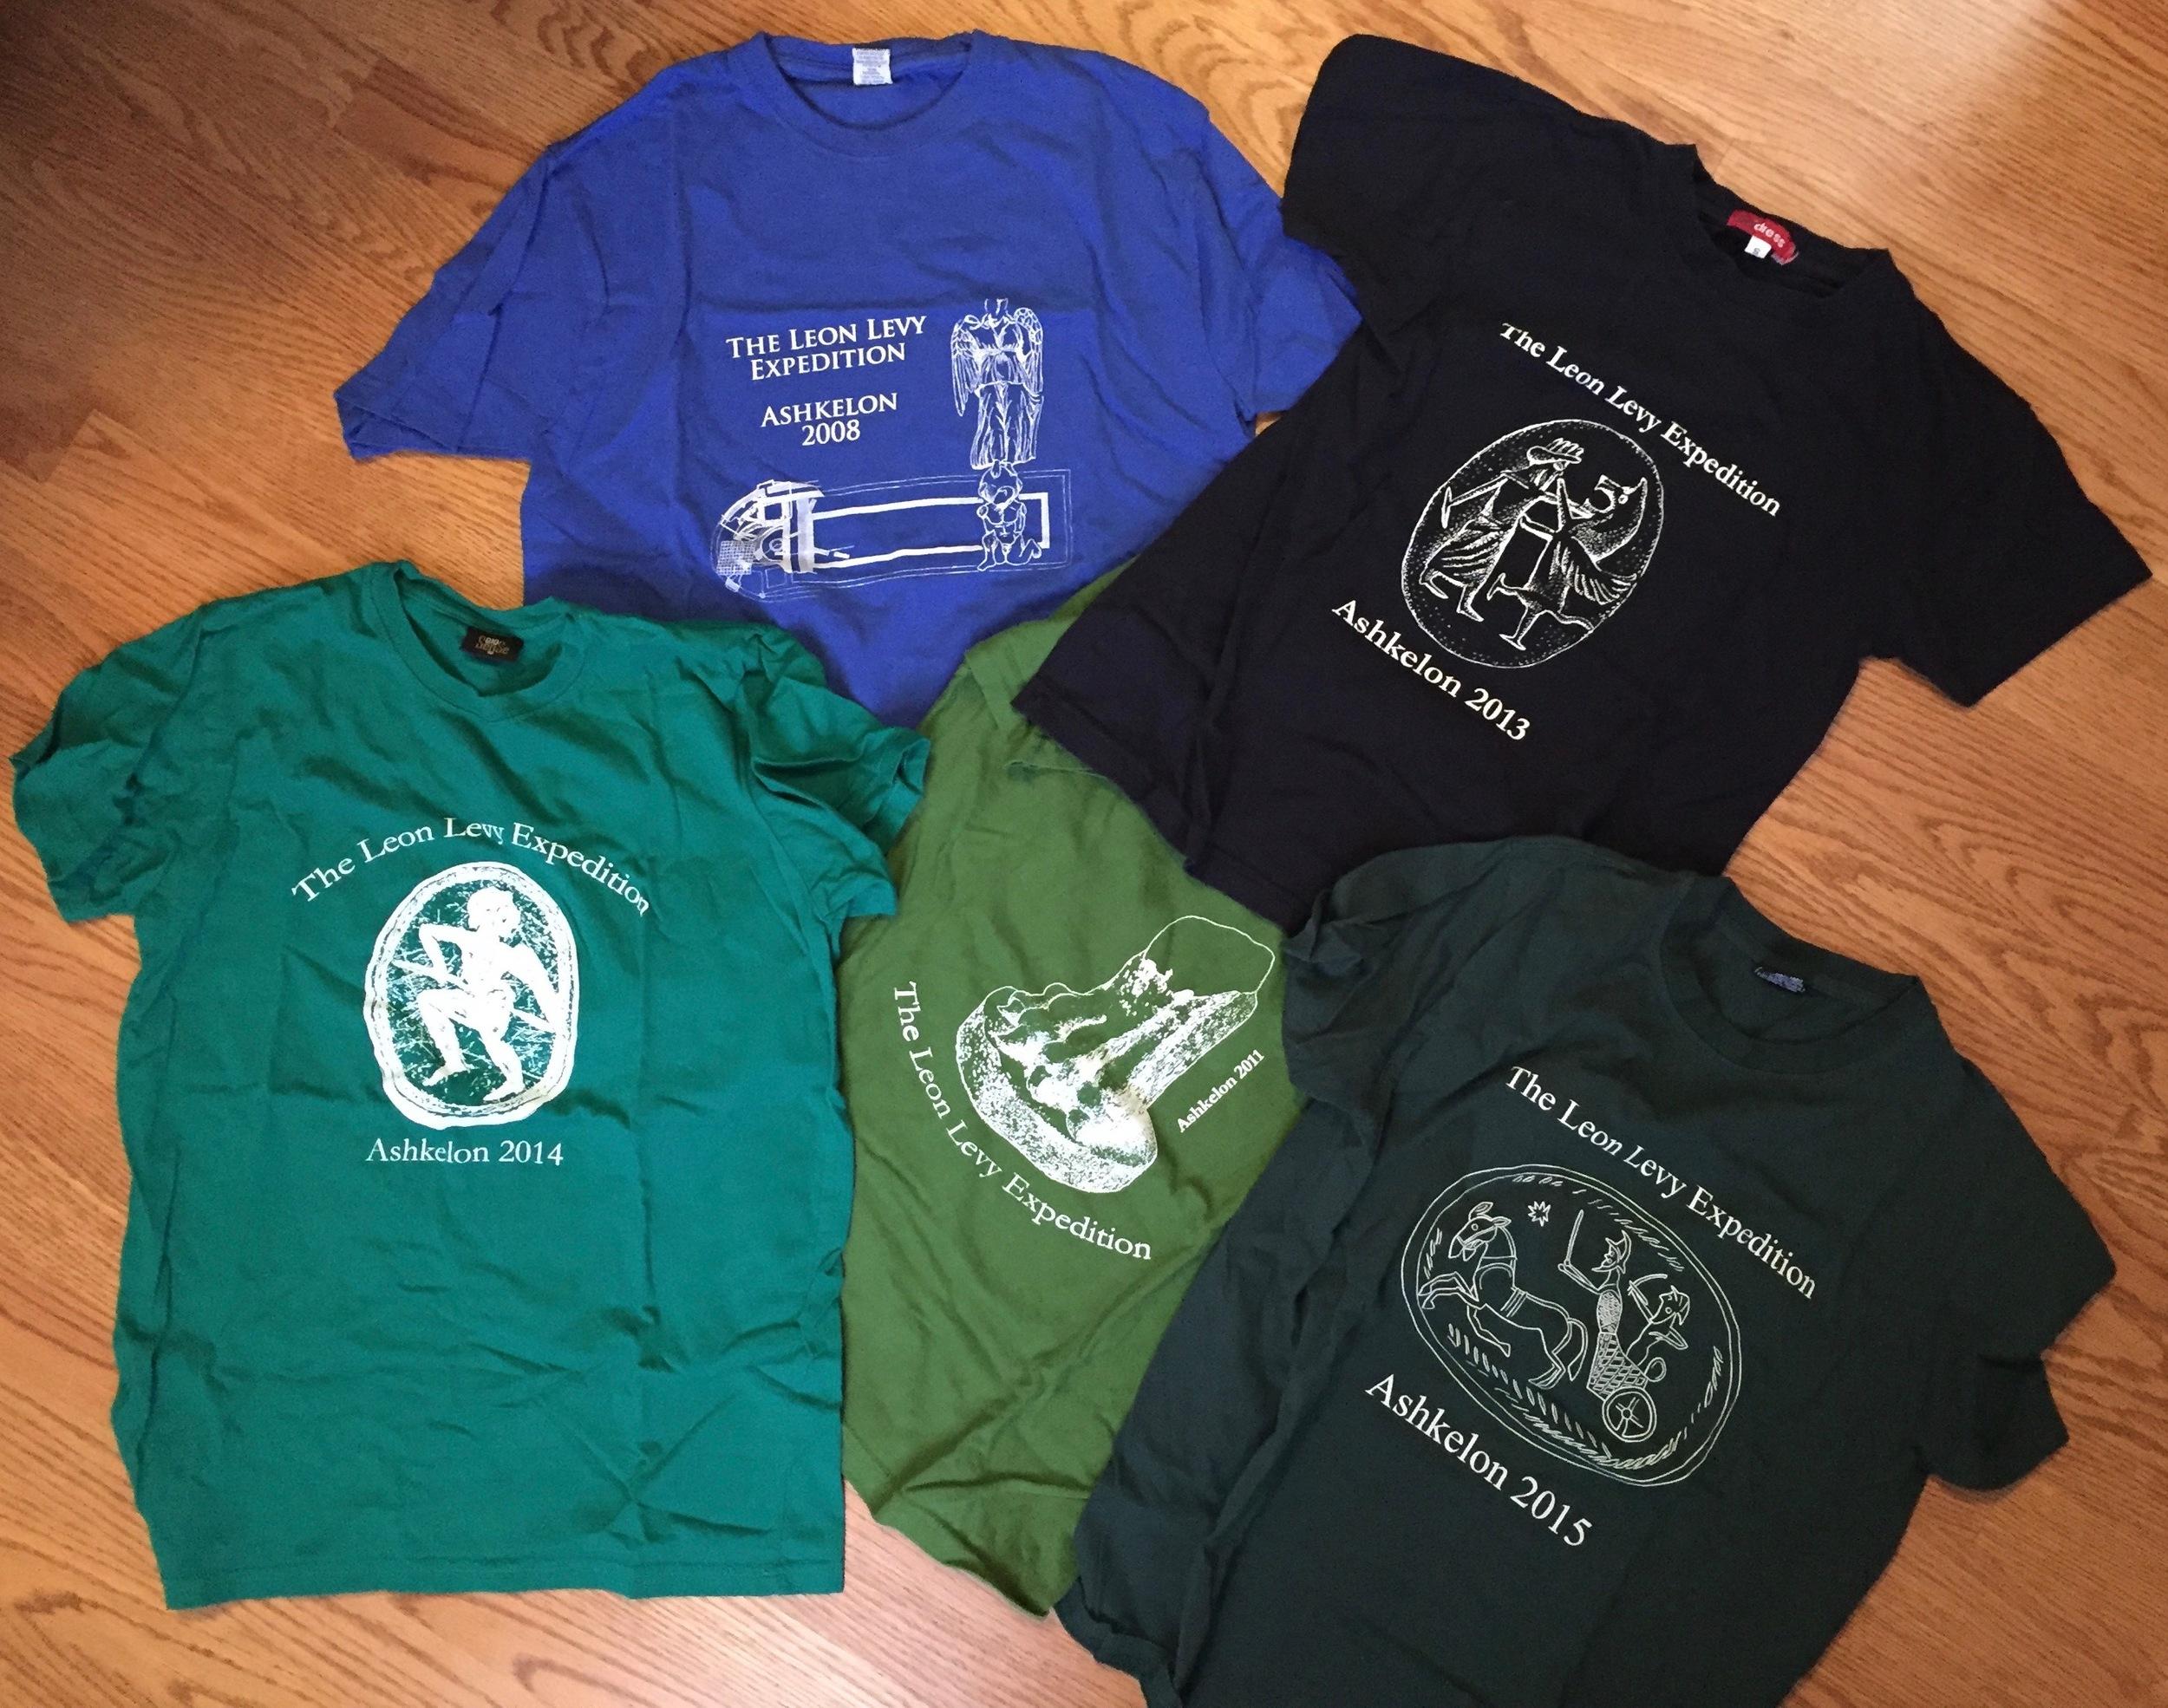 Previous dig shirts